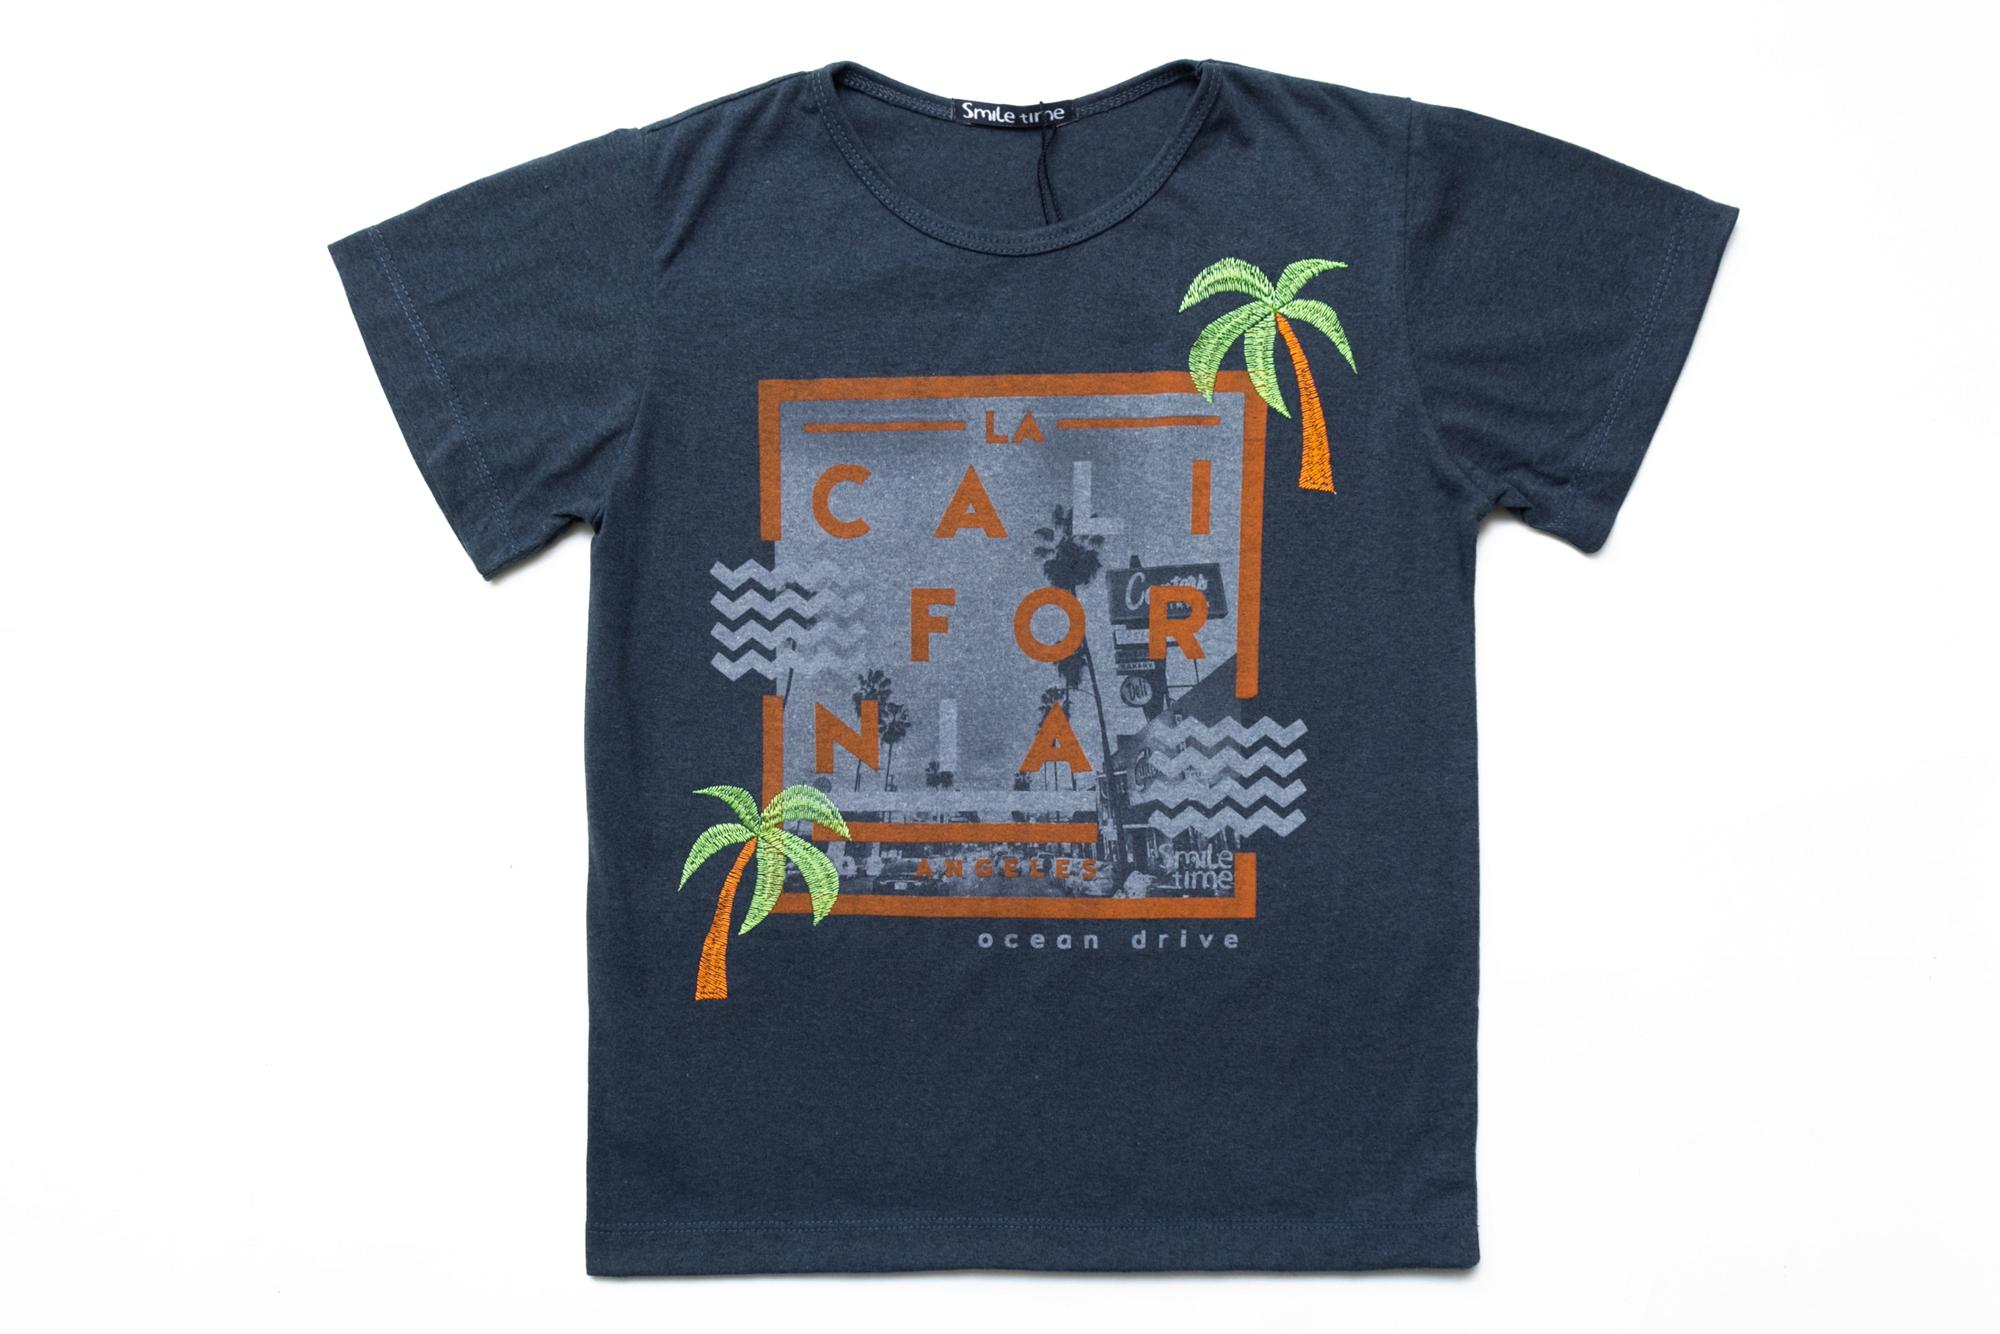 Футболка SmileTime для мальчика California Ocean Drive, темный индиго